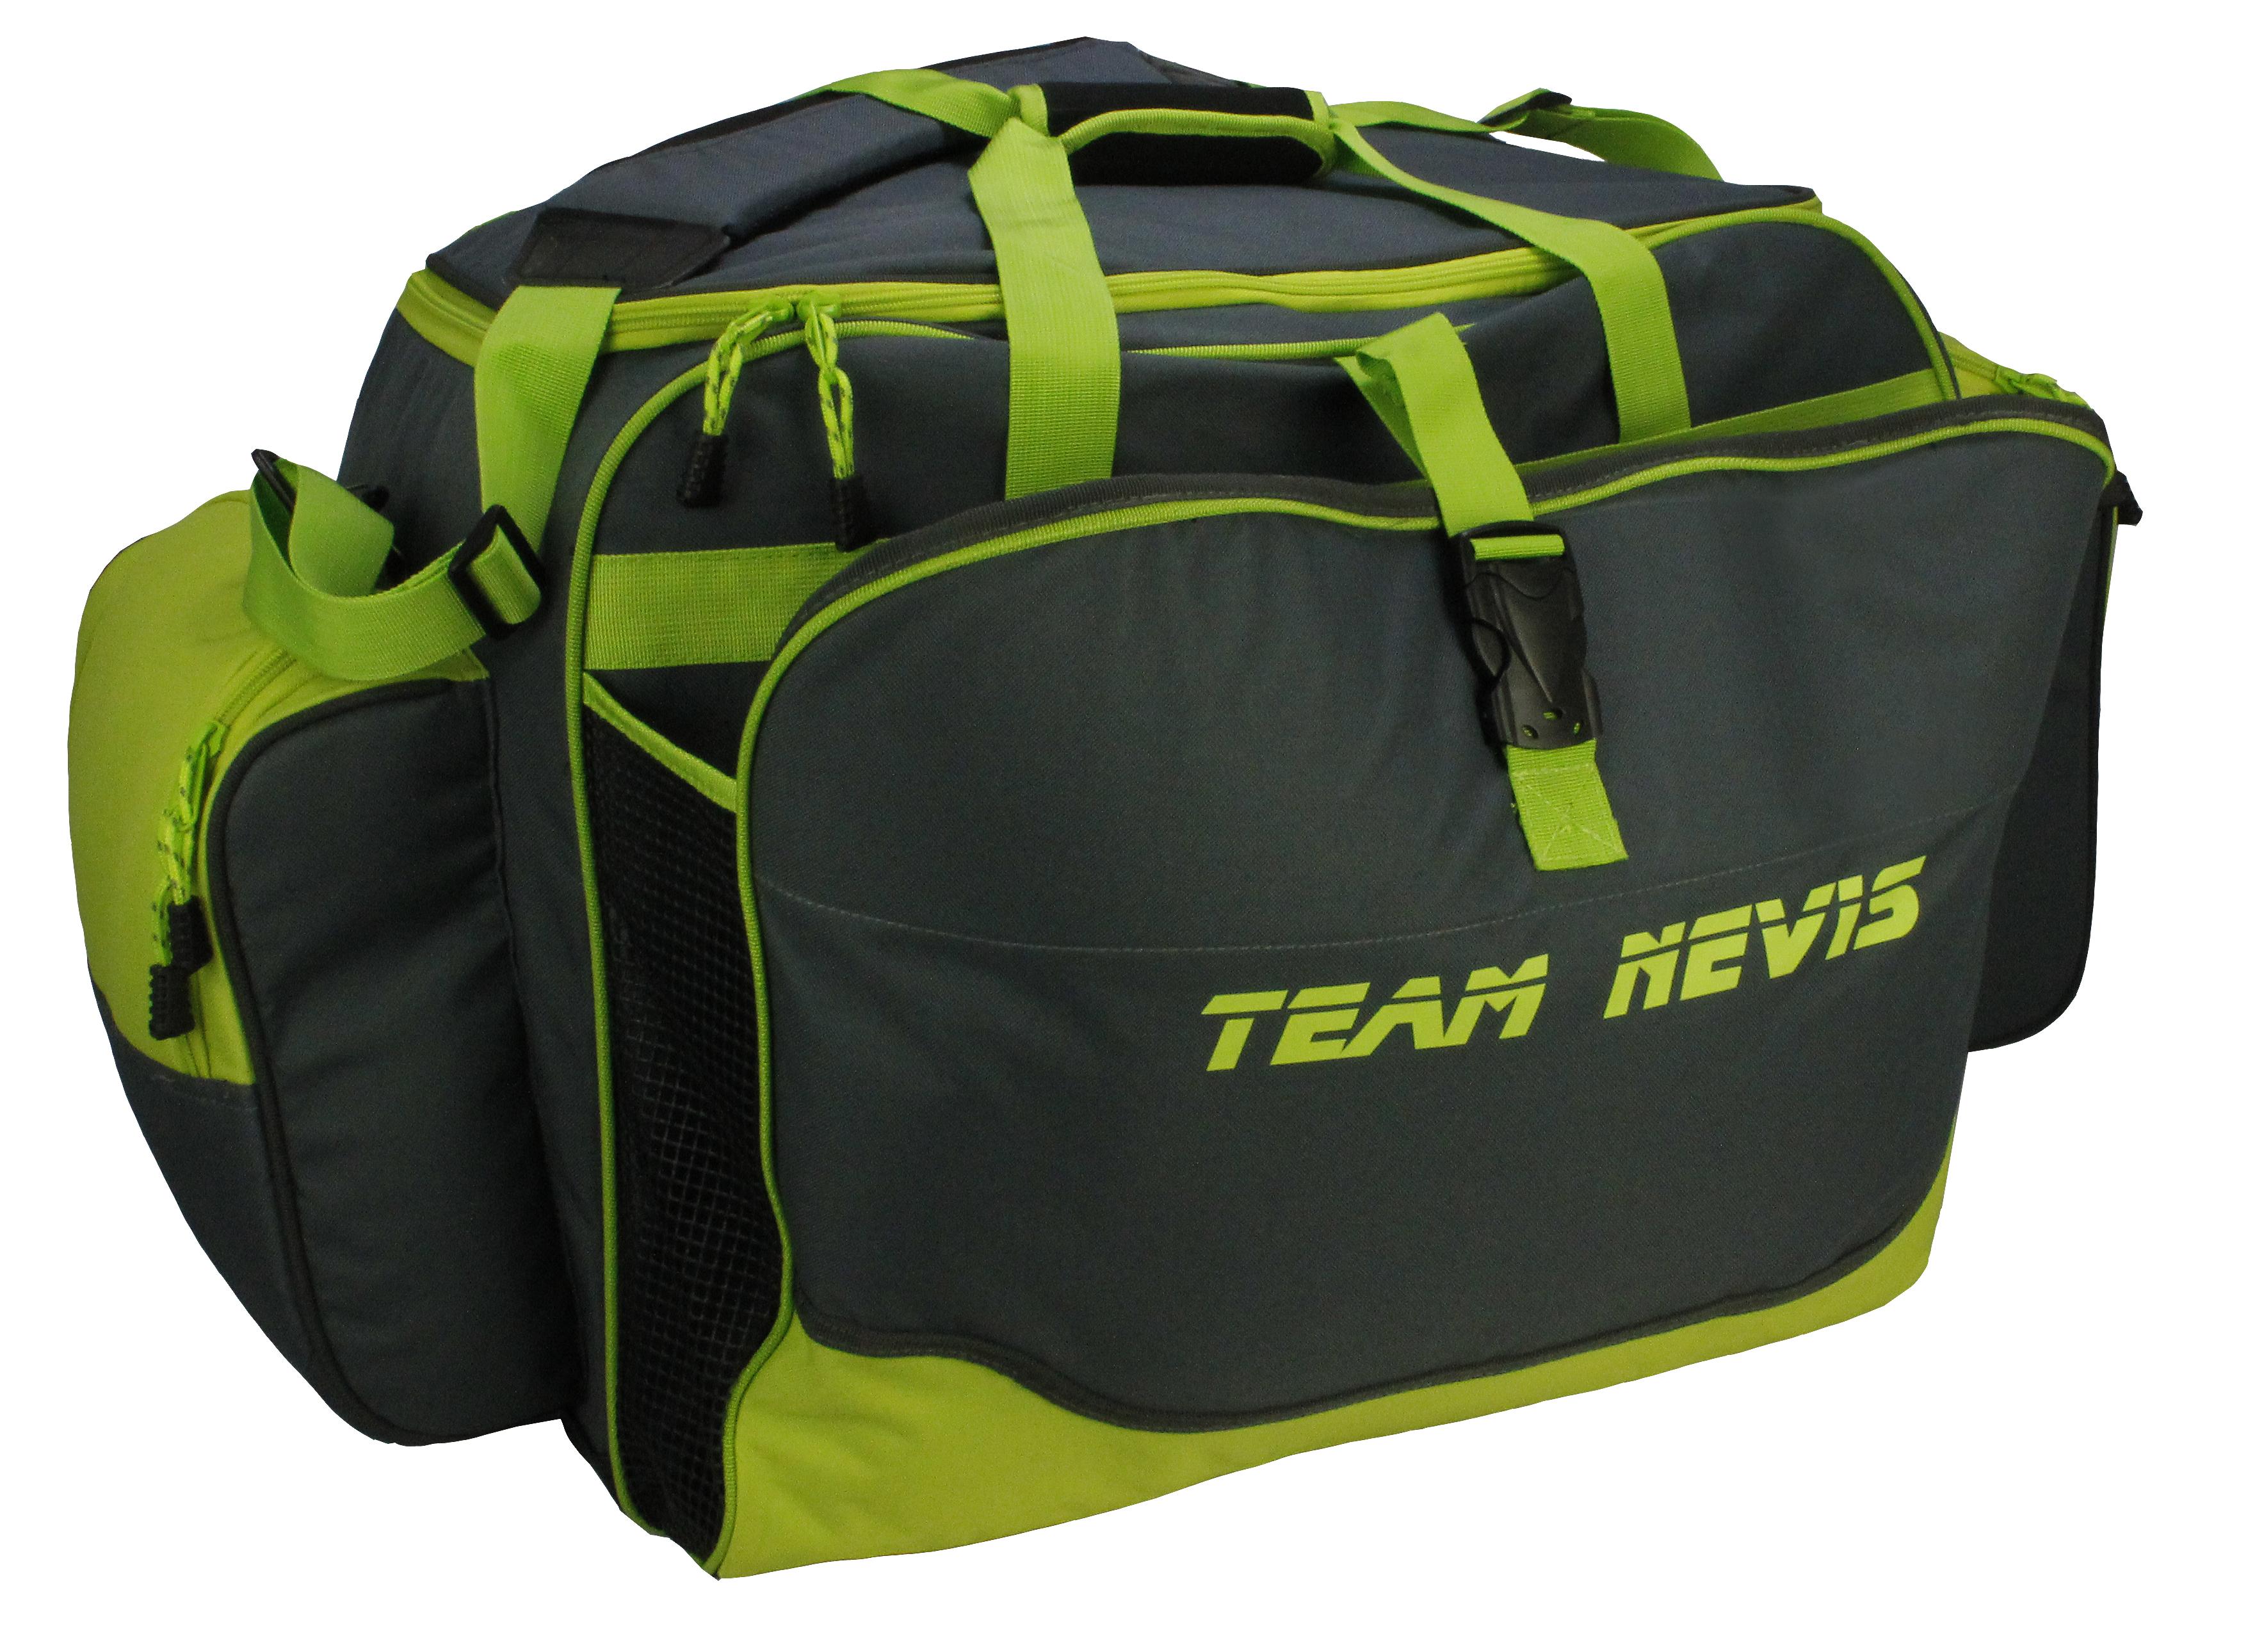 Team Nevis Match szerelékes táska 85x42x45cm